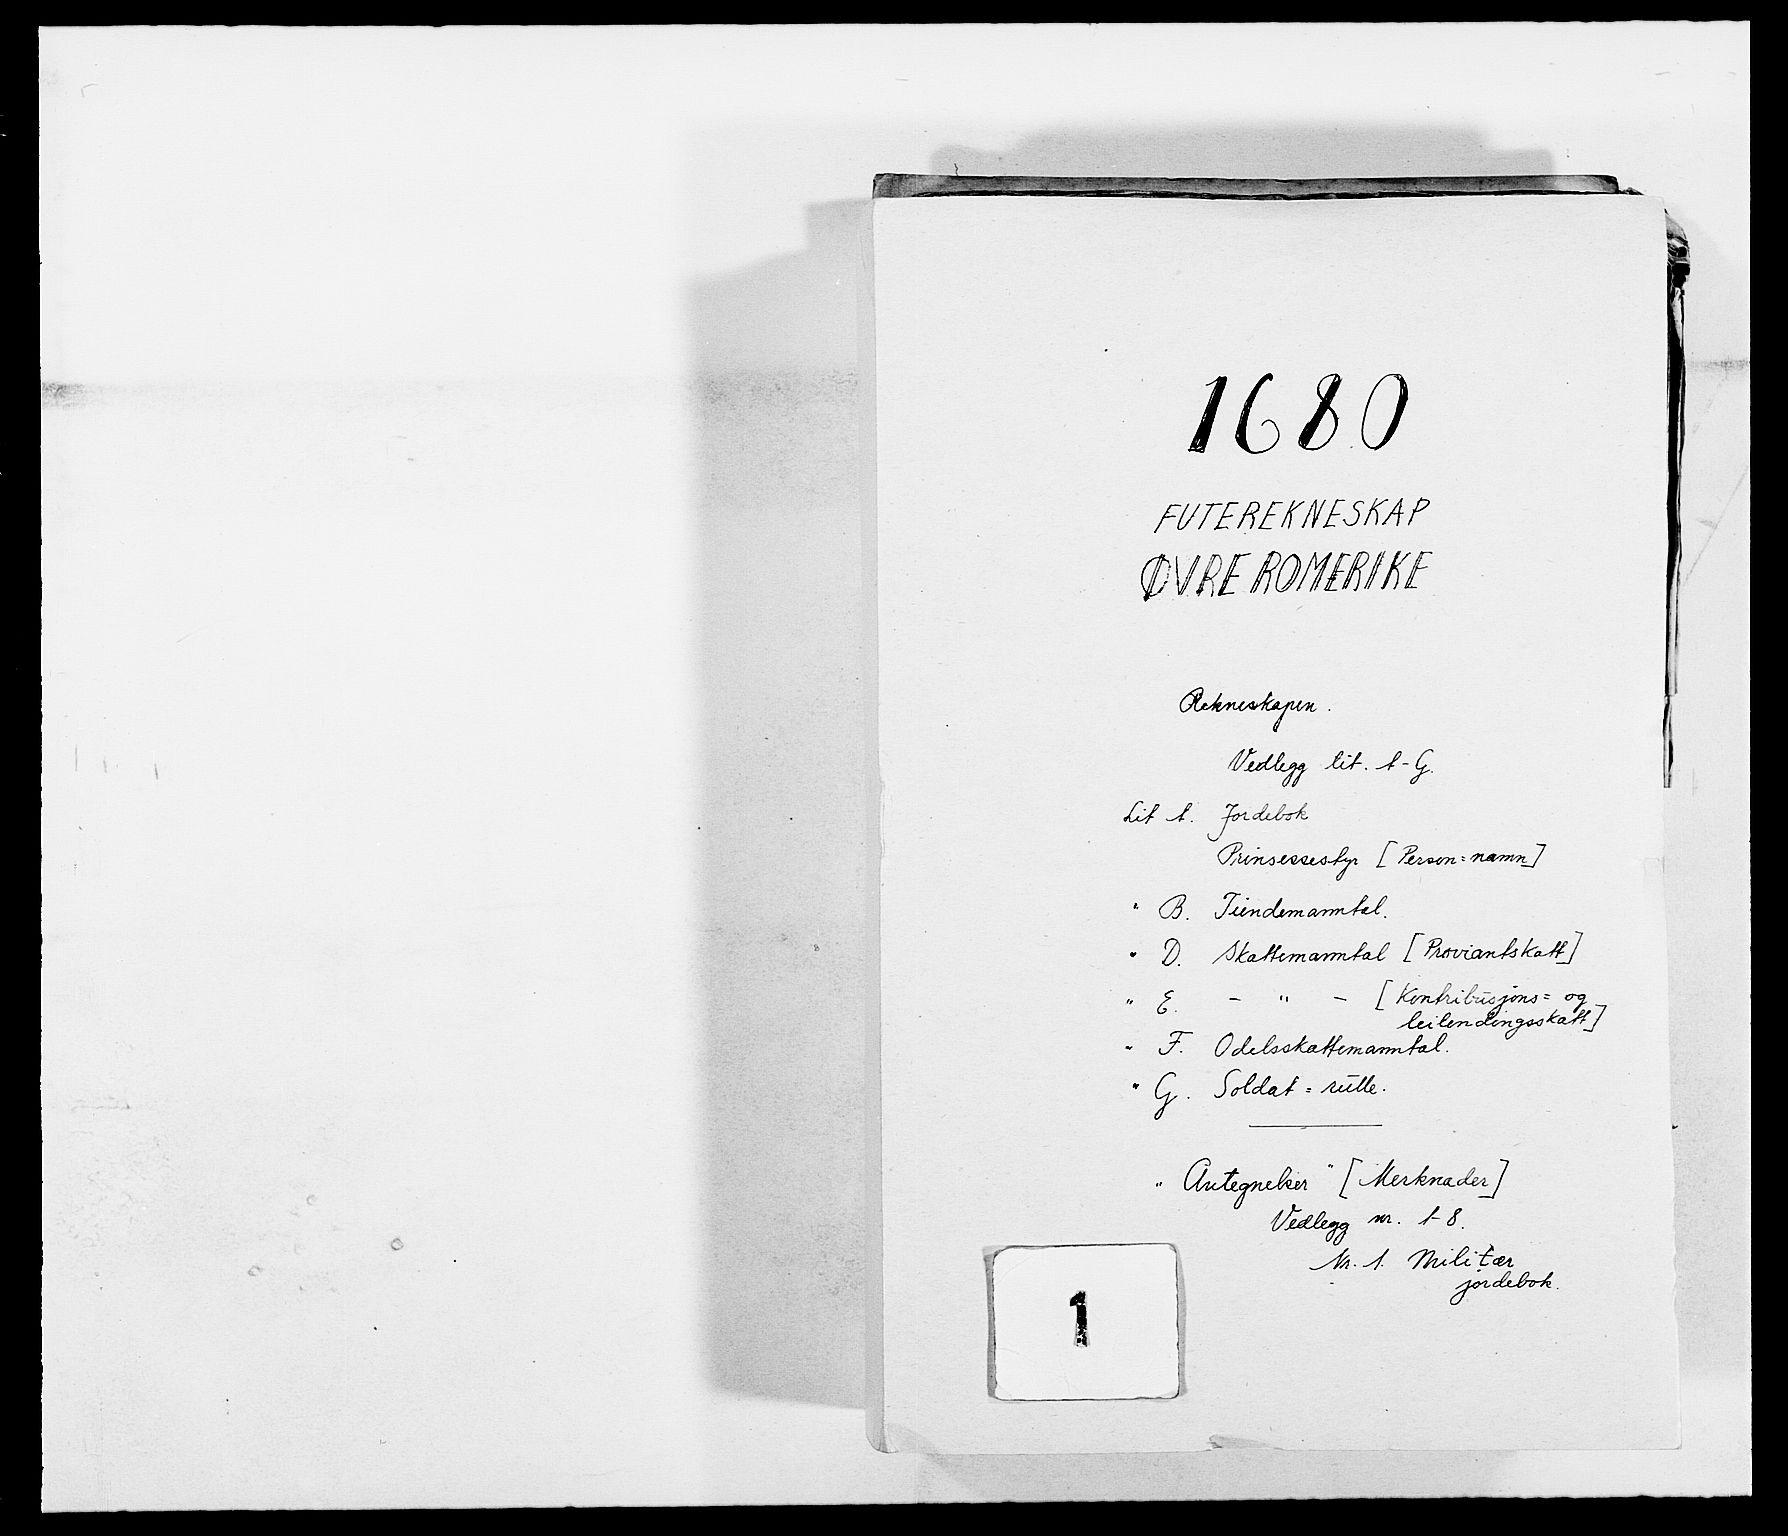 RA, Rentekammeret inntil 1814, Reviderte regnskaper, Fogderegnskap, R12/L0695: Fogderegnskap Øvre Romerike, 1680, s. 1